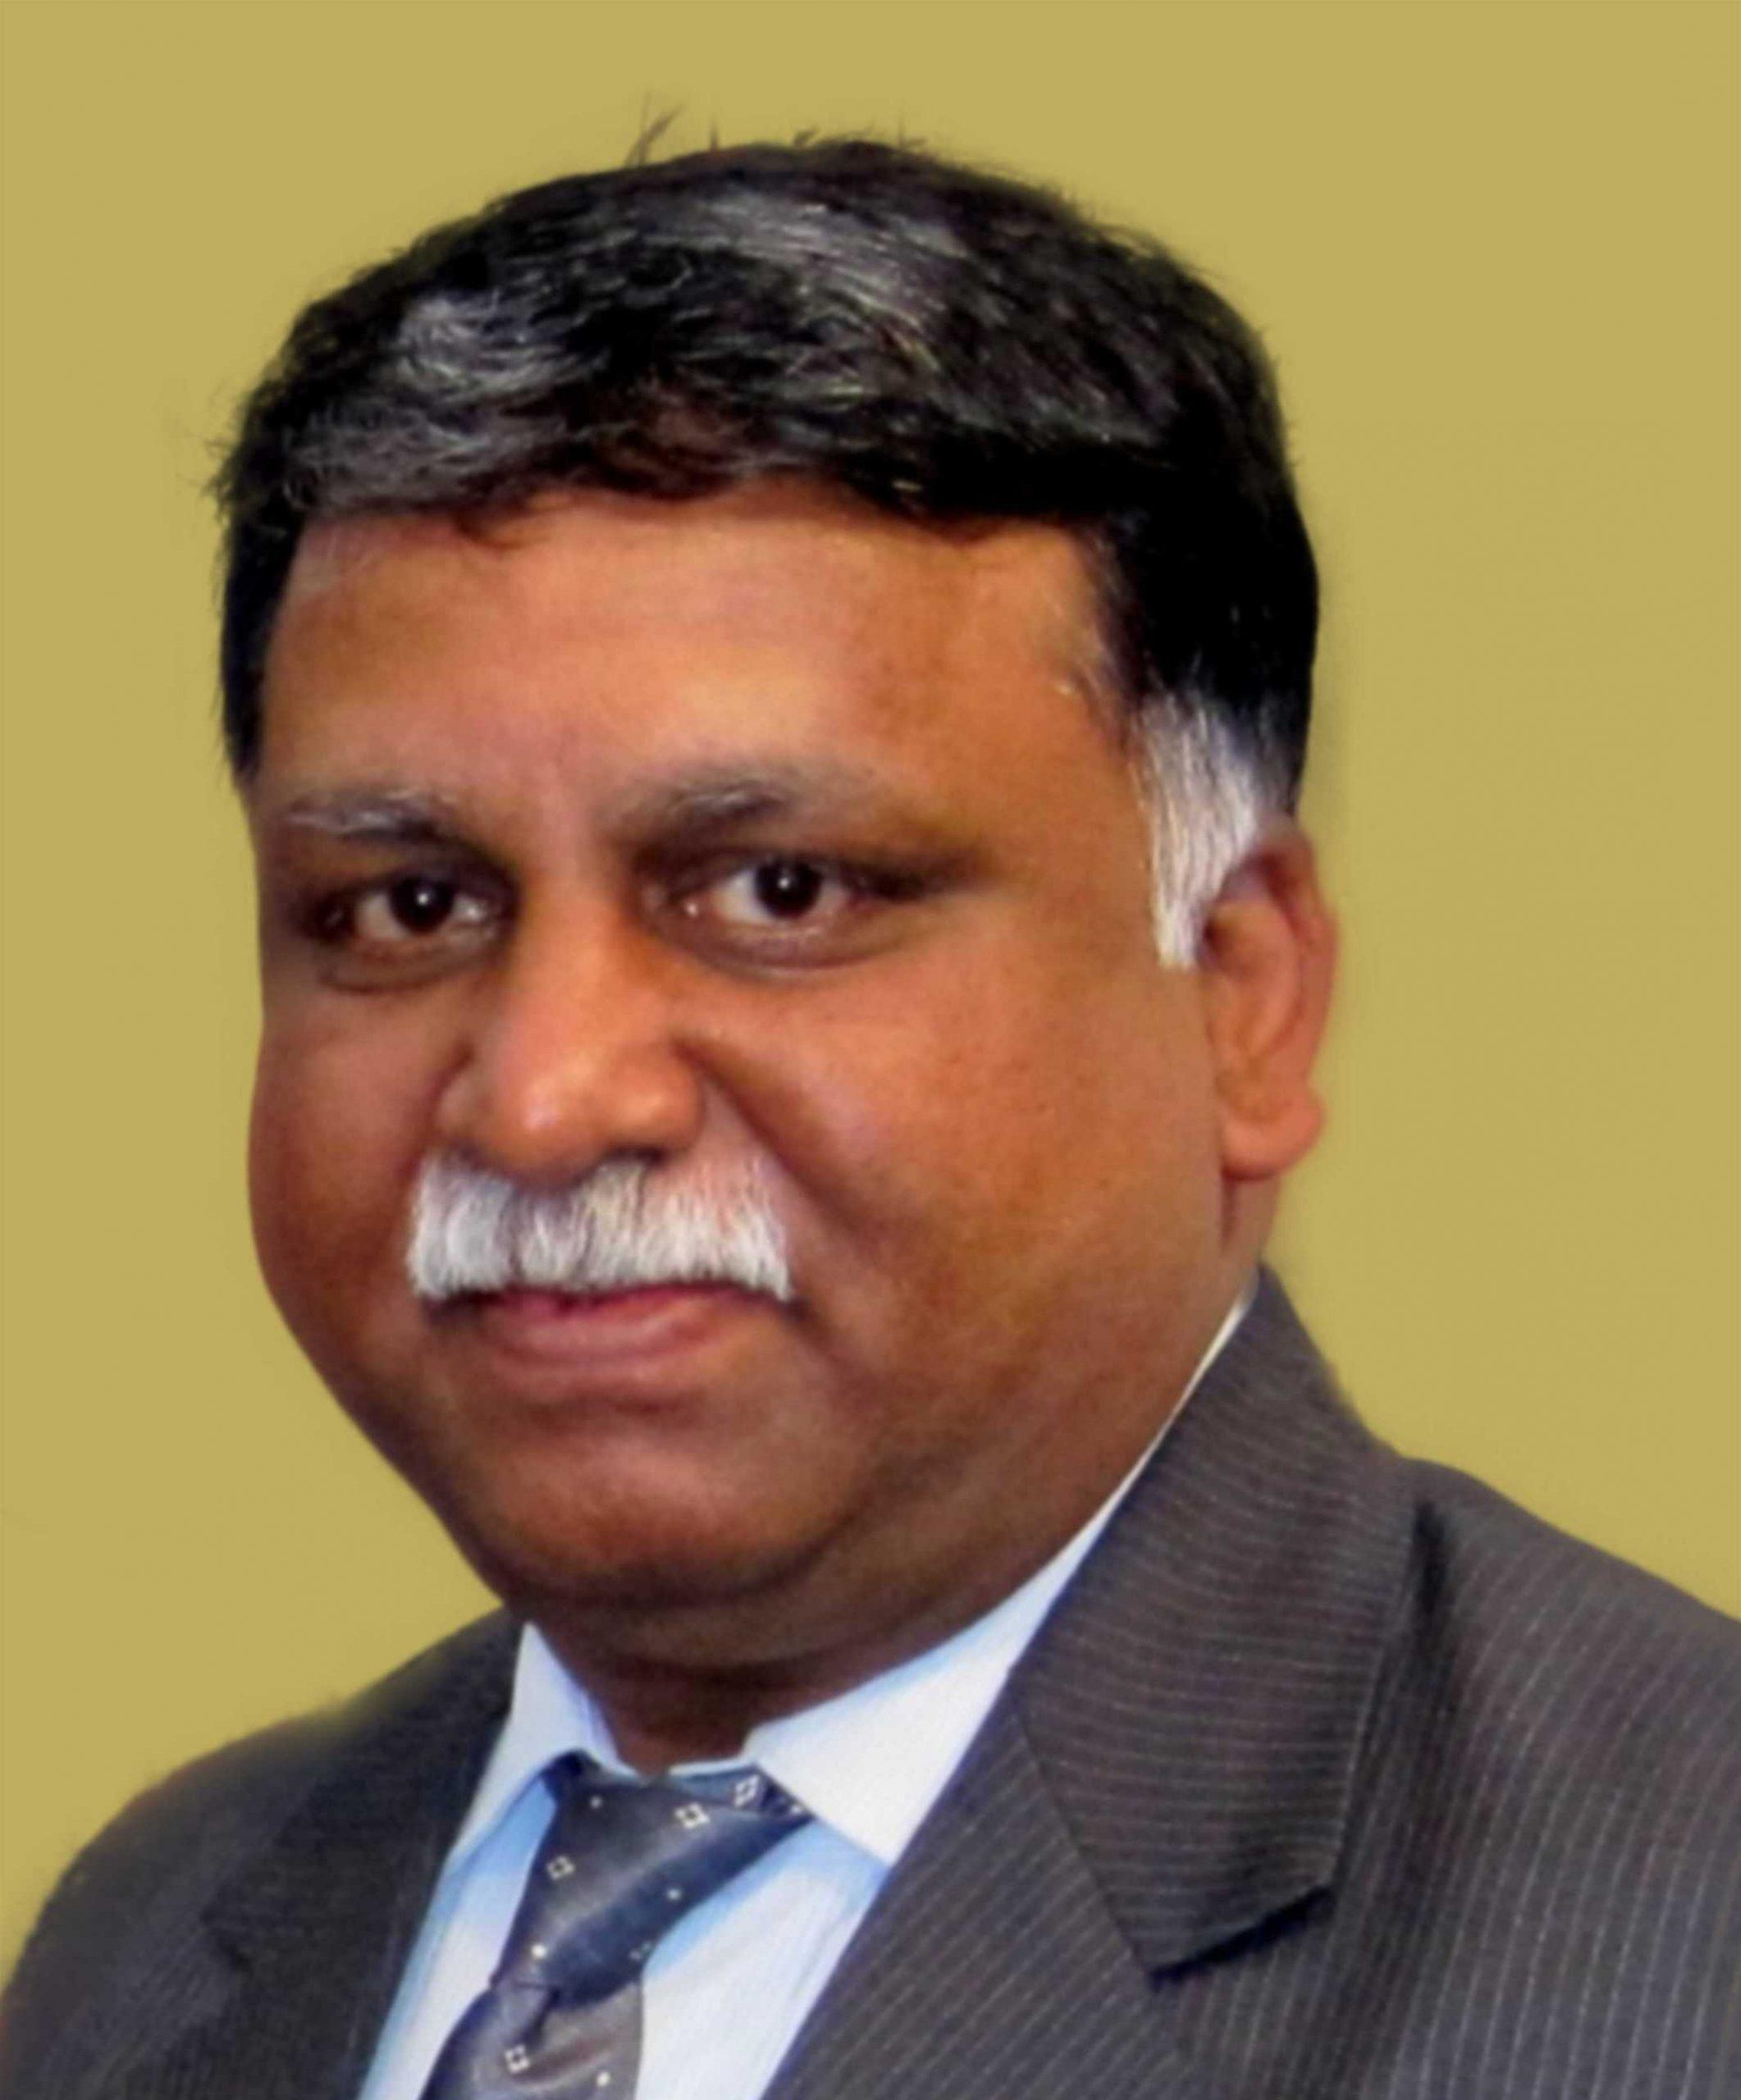 Balasubramanian S Pillai-Executive Director & COO at IMTMA & BIEC, President - Indian Exhibition Ind Assoc., Secretary - IAEE India Chapter